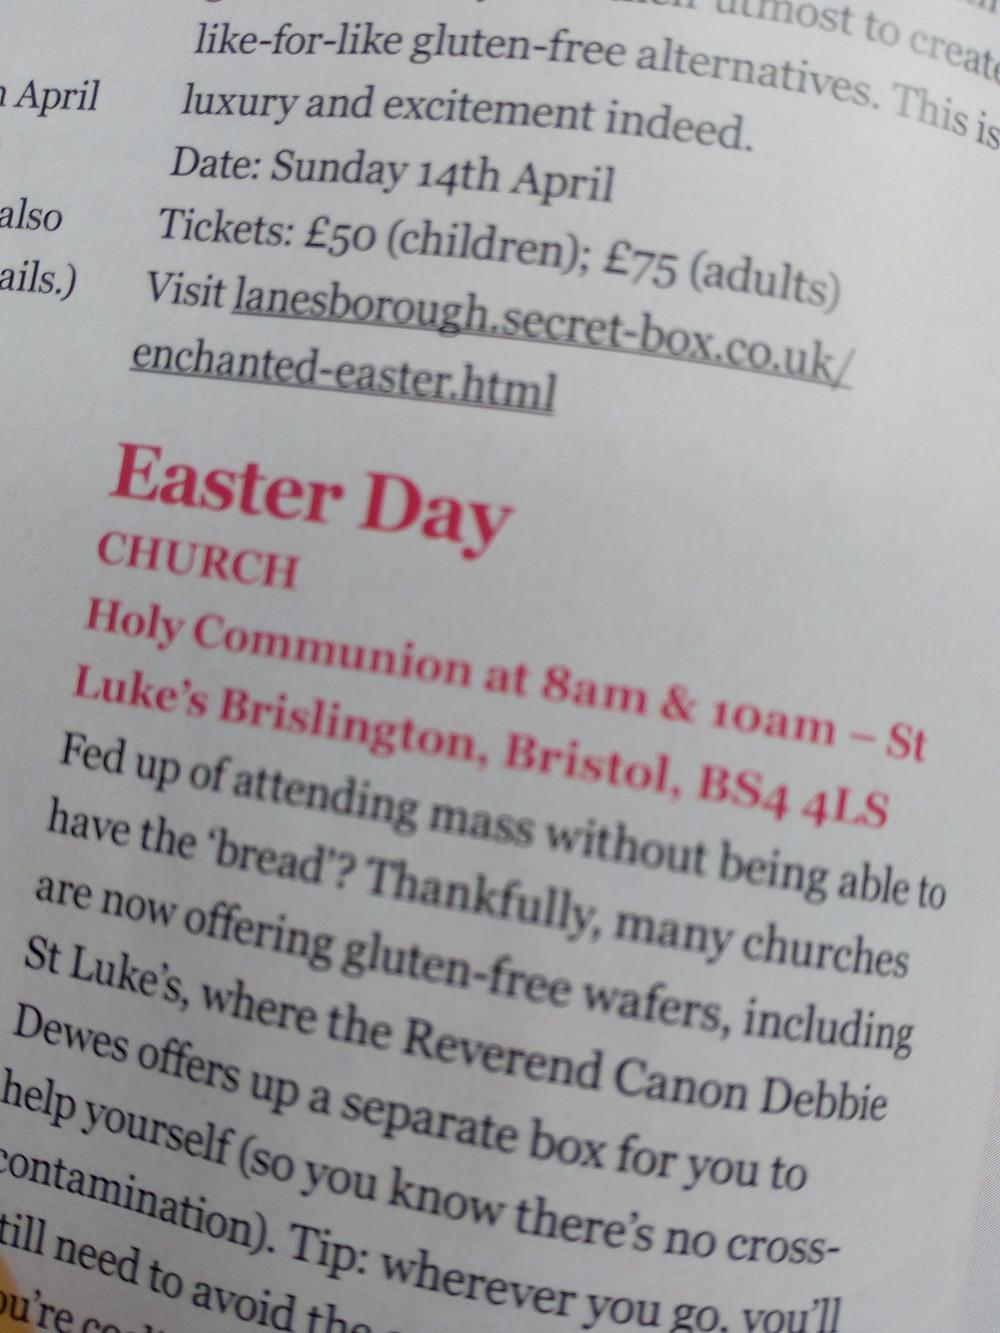 St Luke's Church in Brislington offers gluten-free wafers